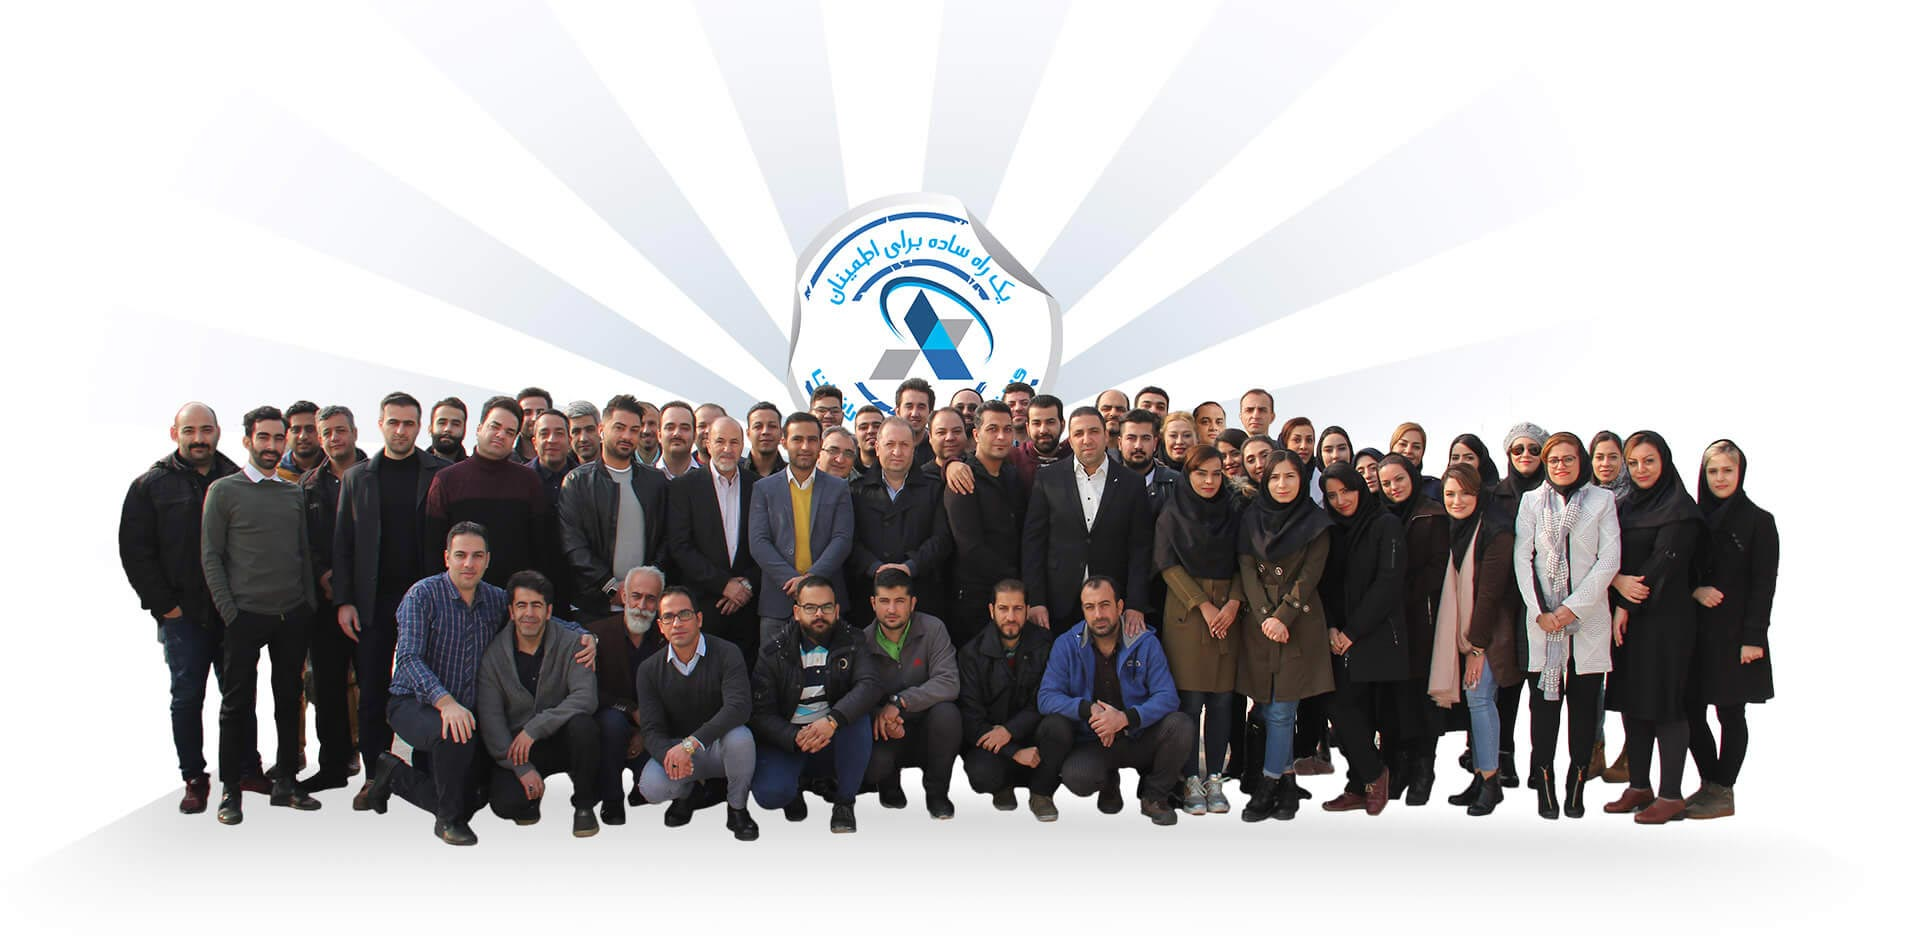 گارانتی الماس رایان ایرانیان